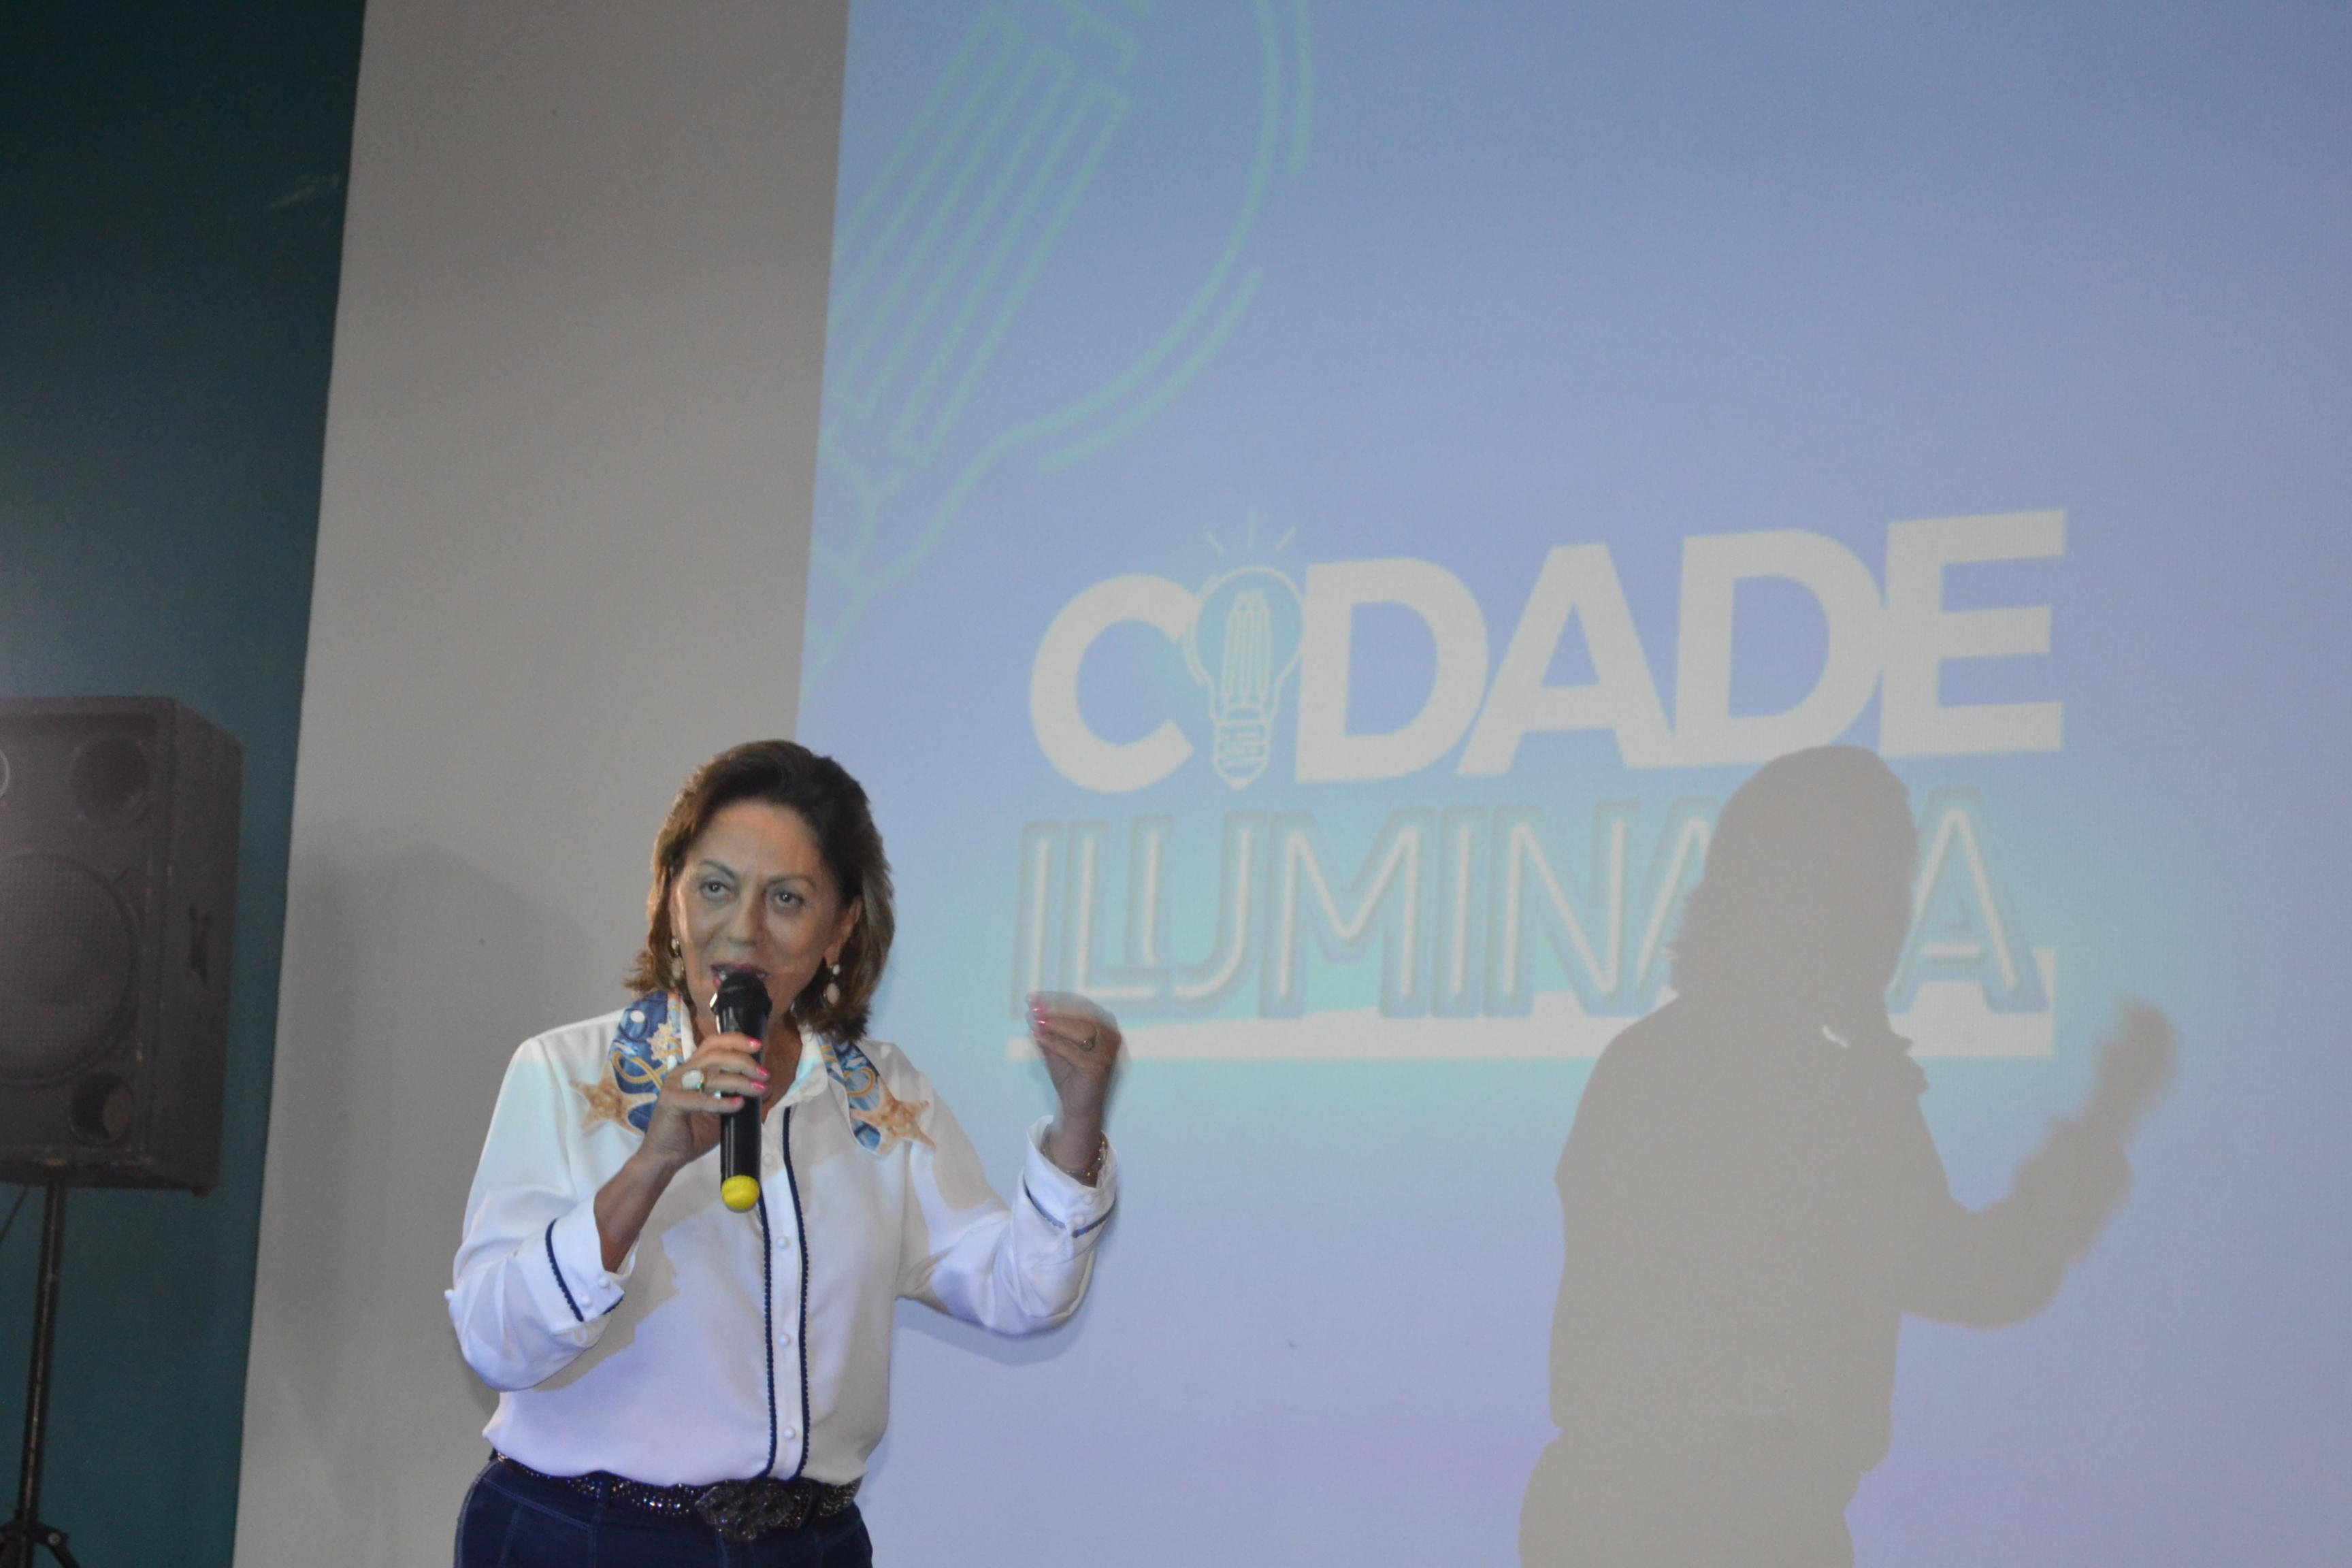 Projeto Cidade Iluminada vai gerar economia e permitir ampliação da iluminação pública